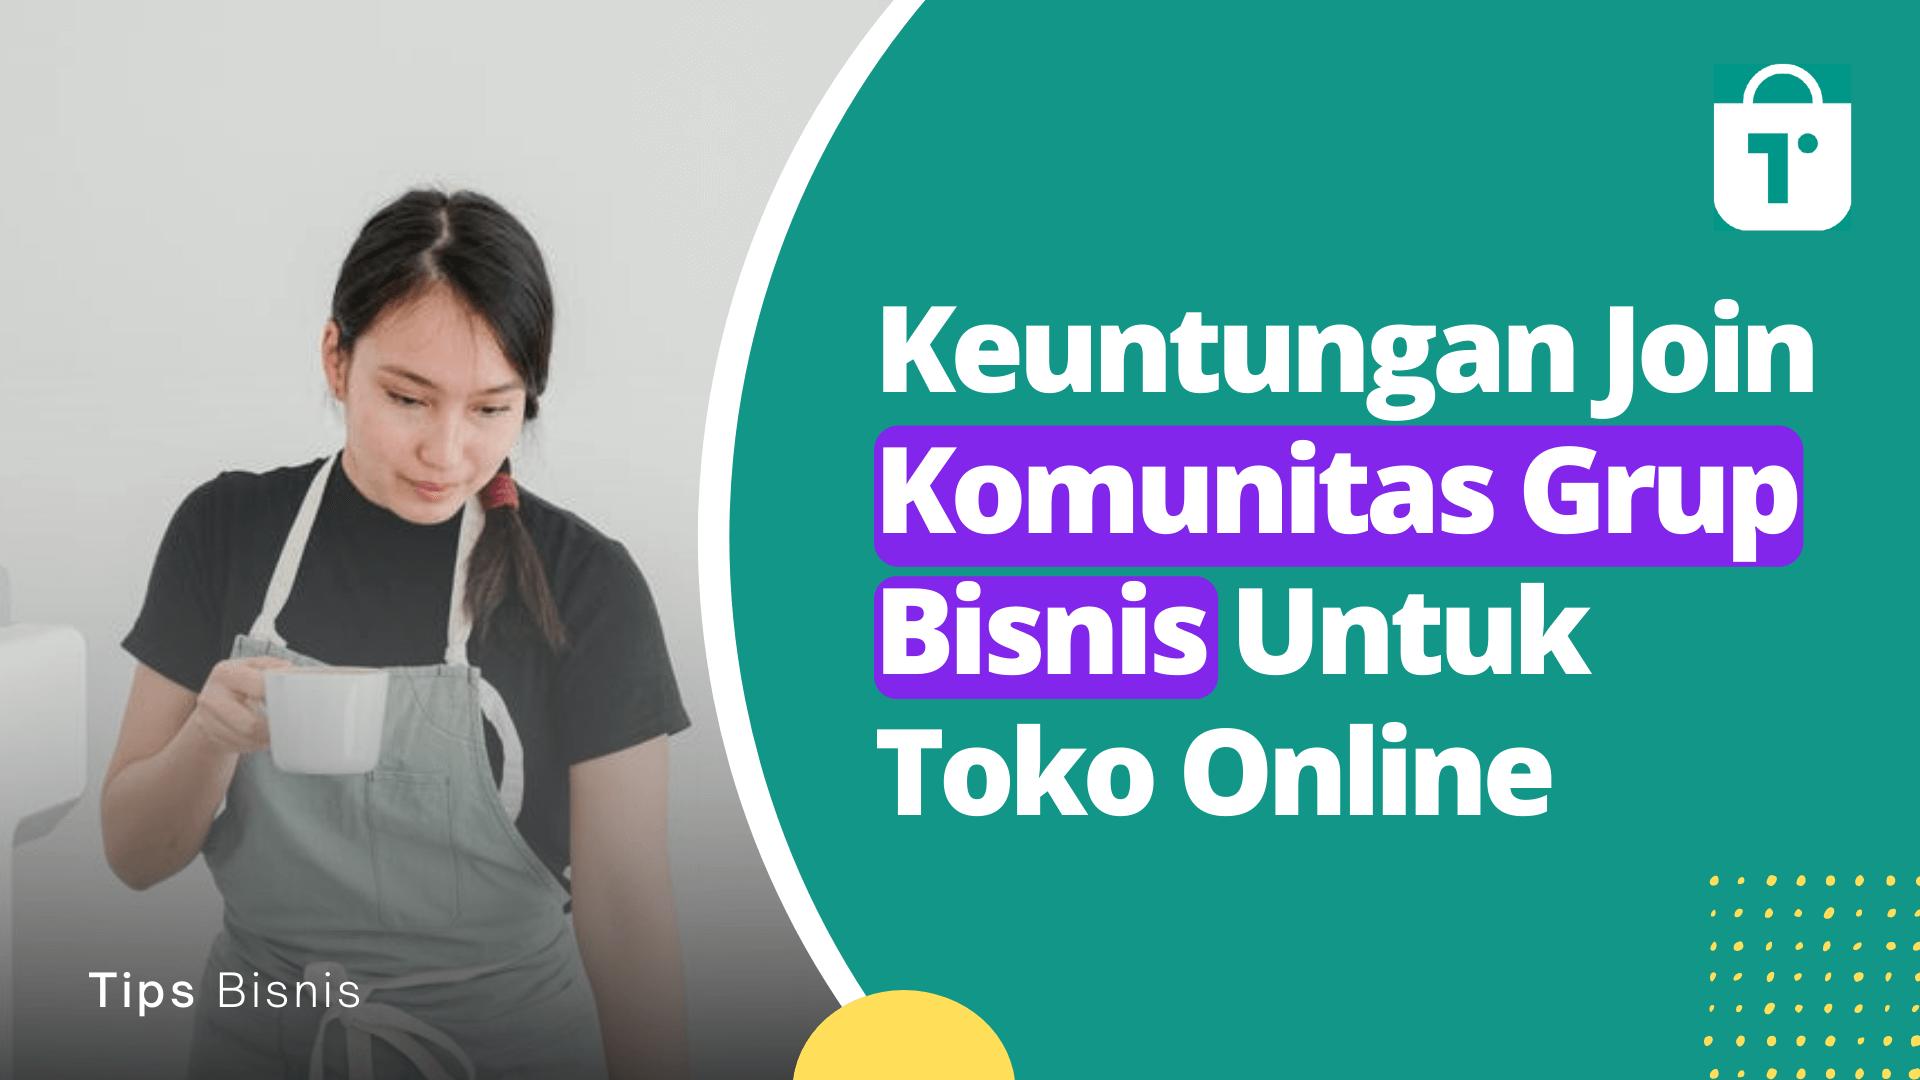 Keuntungan Ikut Komunitas Grup Bisnis Untuk Toko Online